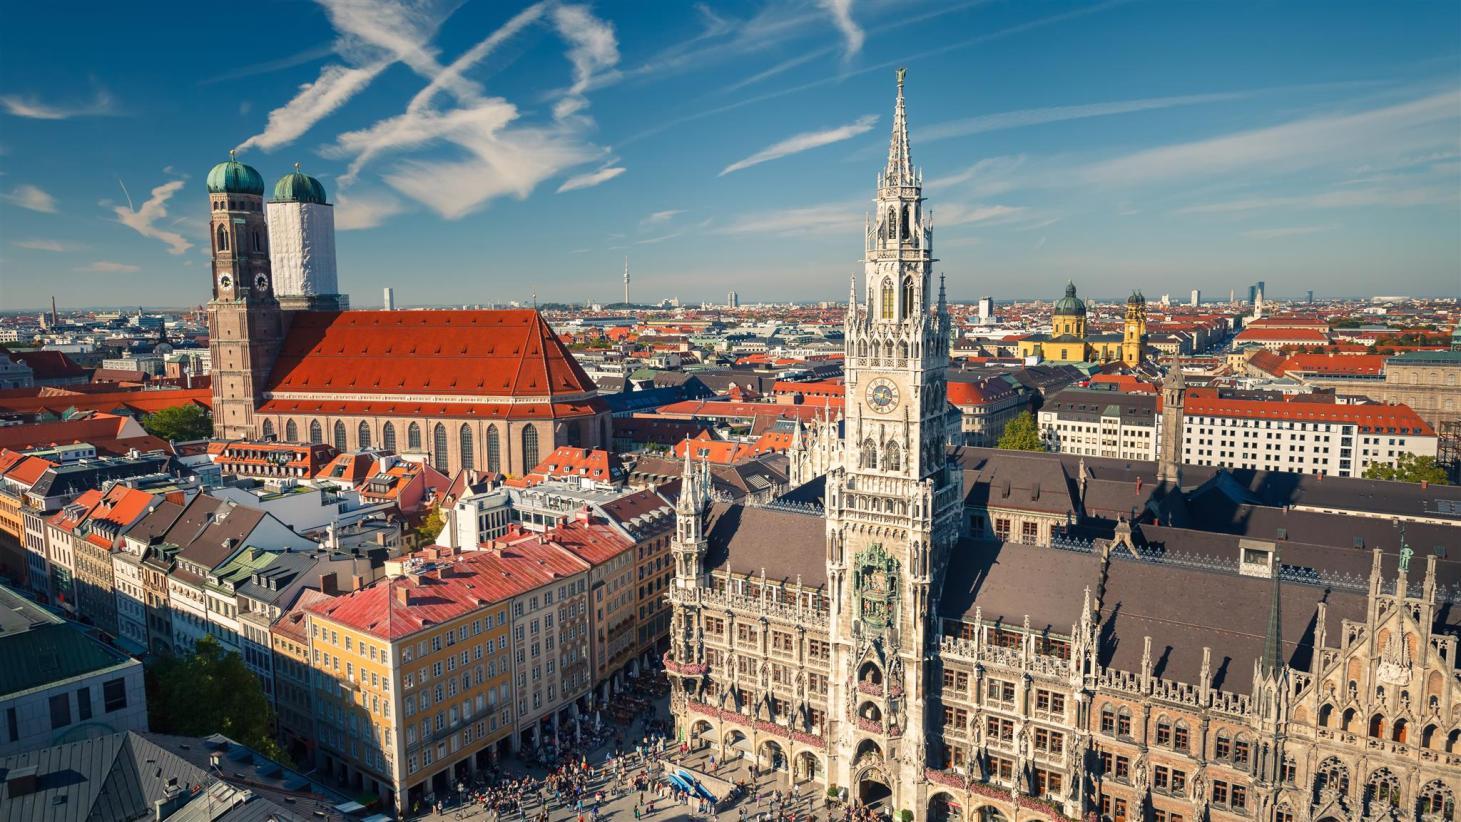 افضل 8 شقق فندقية في ميونخ موصى بها 2020